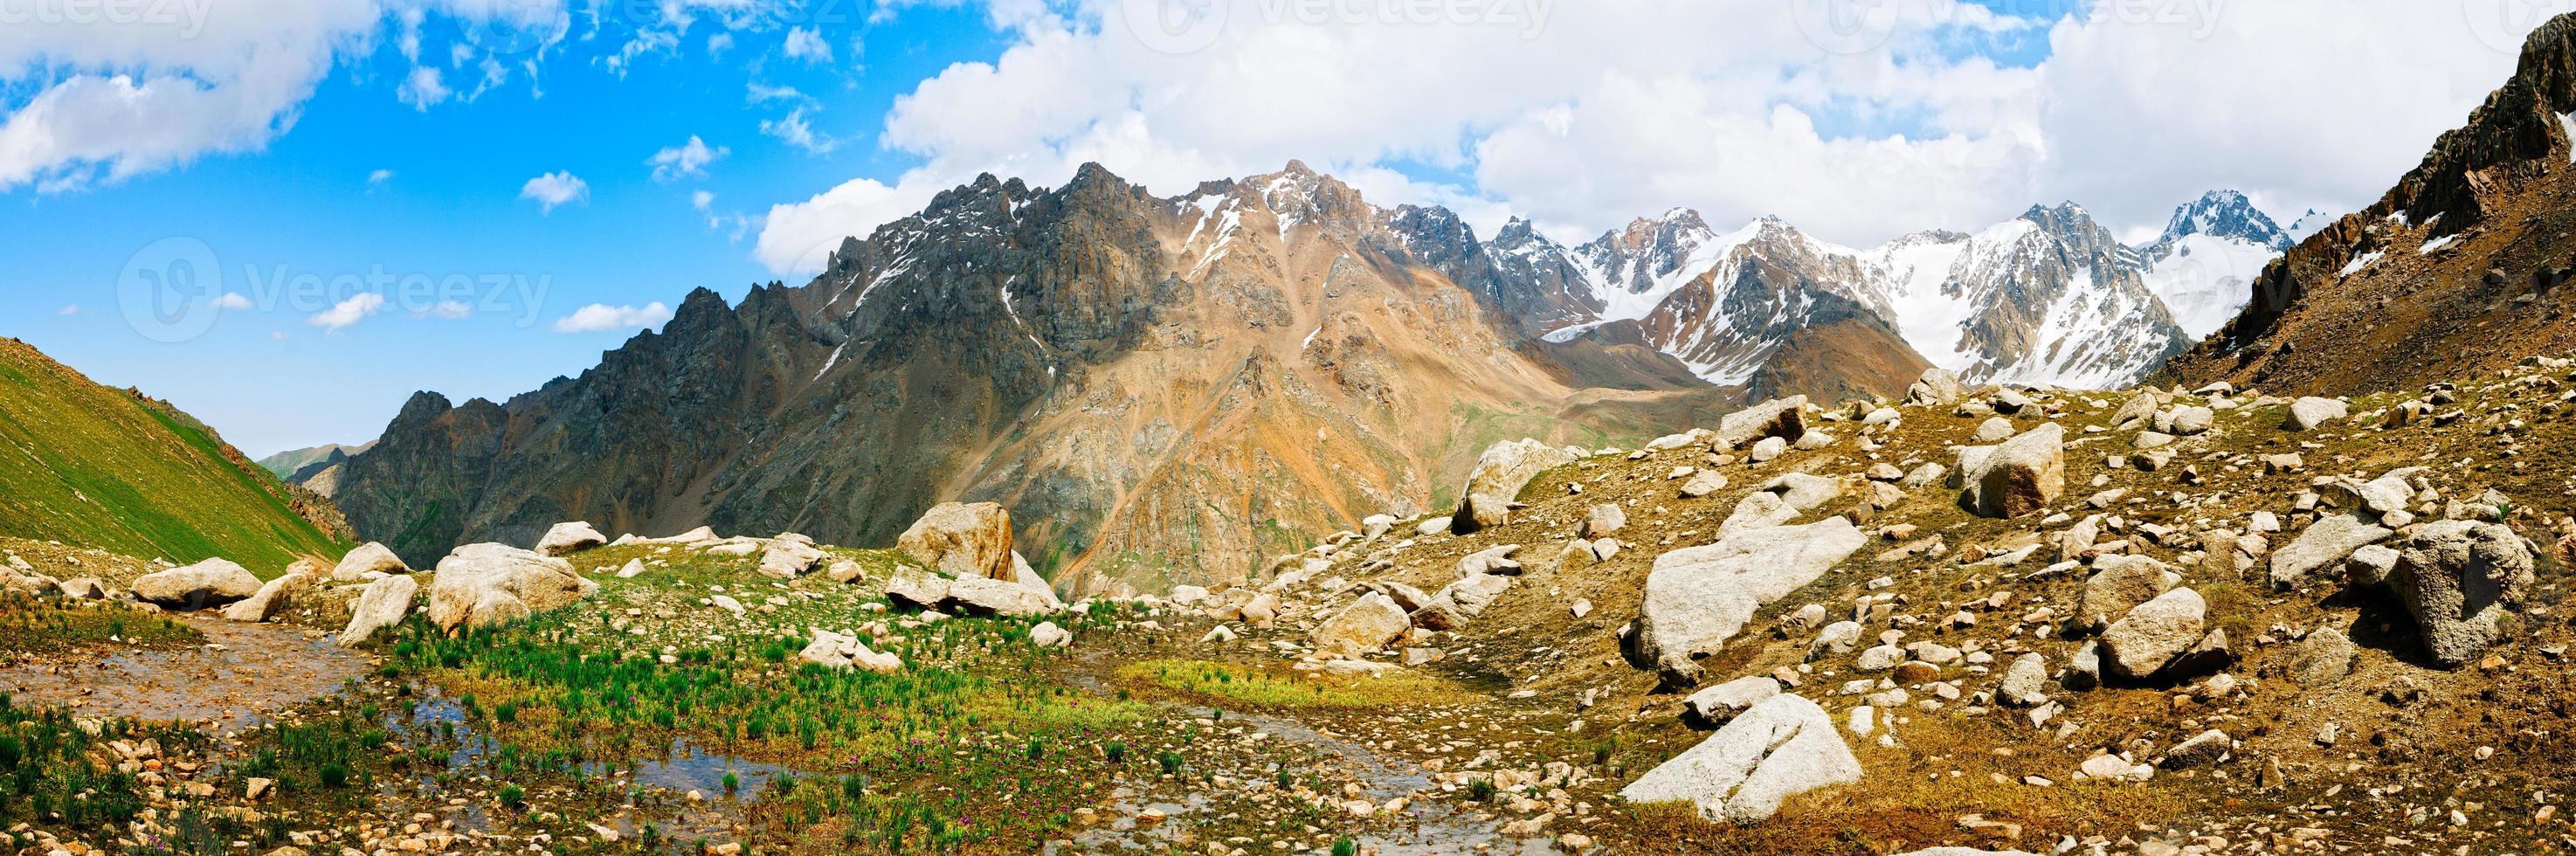 vista panorâmica dos picos e montanhas de tien shan perto de almaty. foto